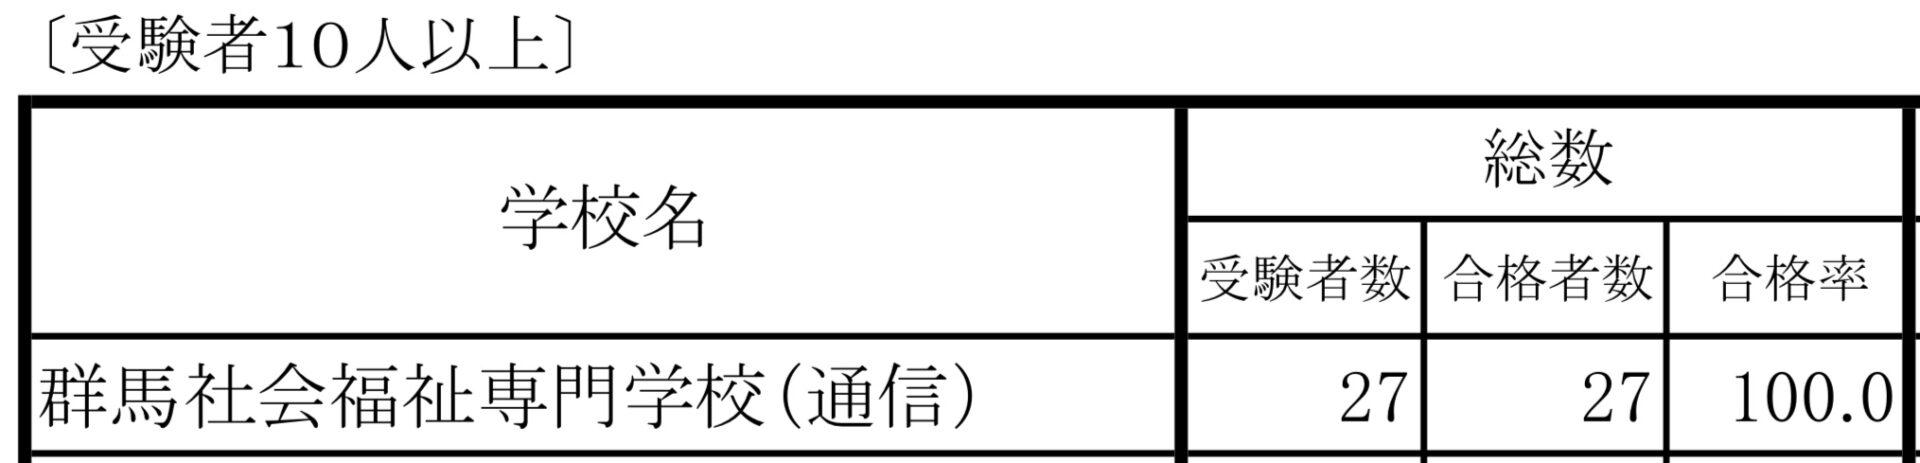 短期養成施設ルート(受験者10人以上)